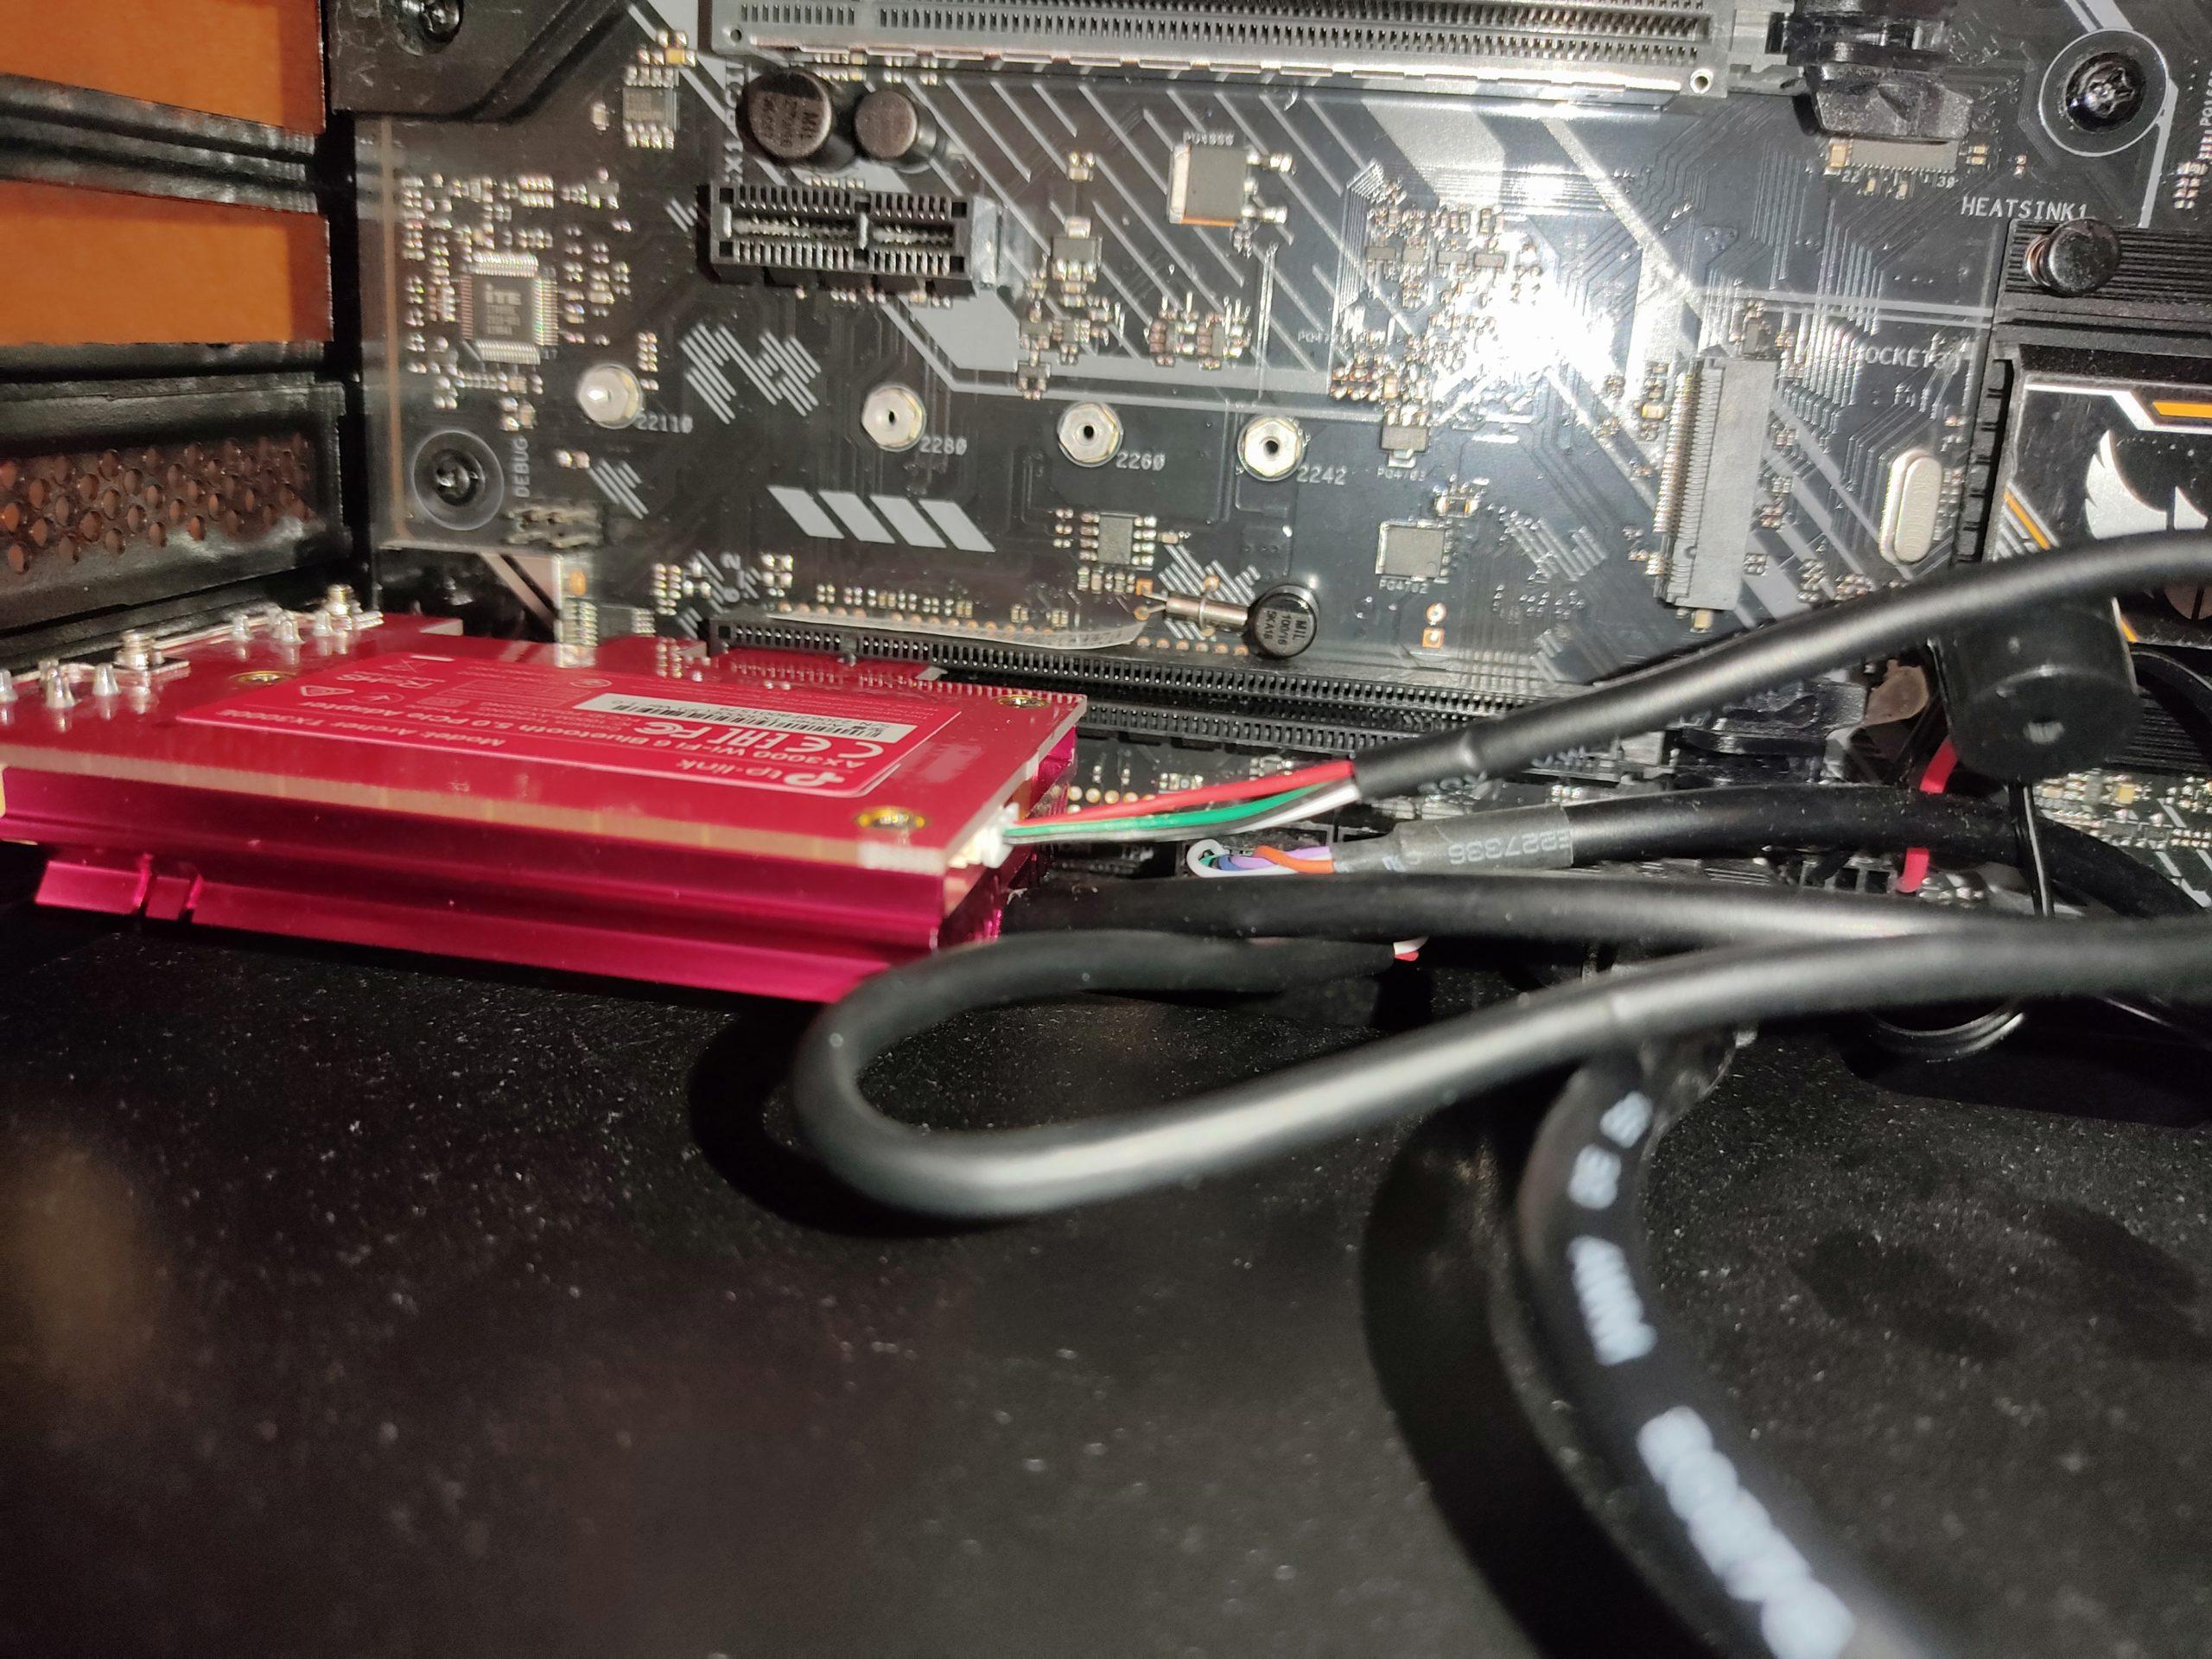 コネクタケーブルをUSB2.0ヘッダーに接続し、本体をPCI-Eスロットへ設置